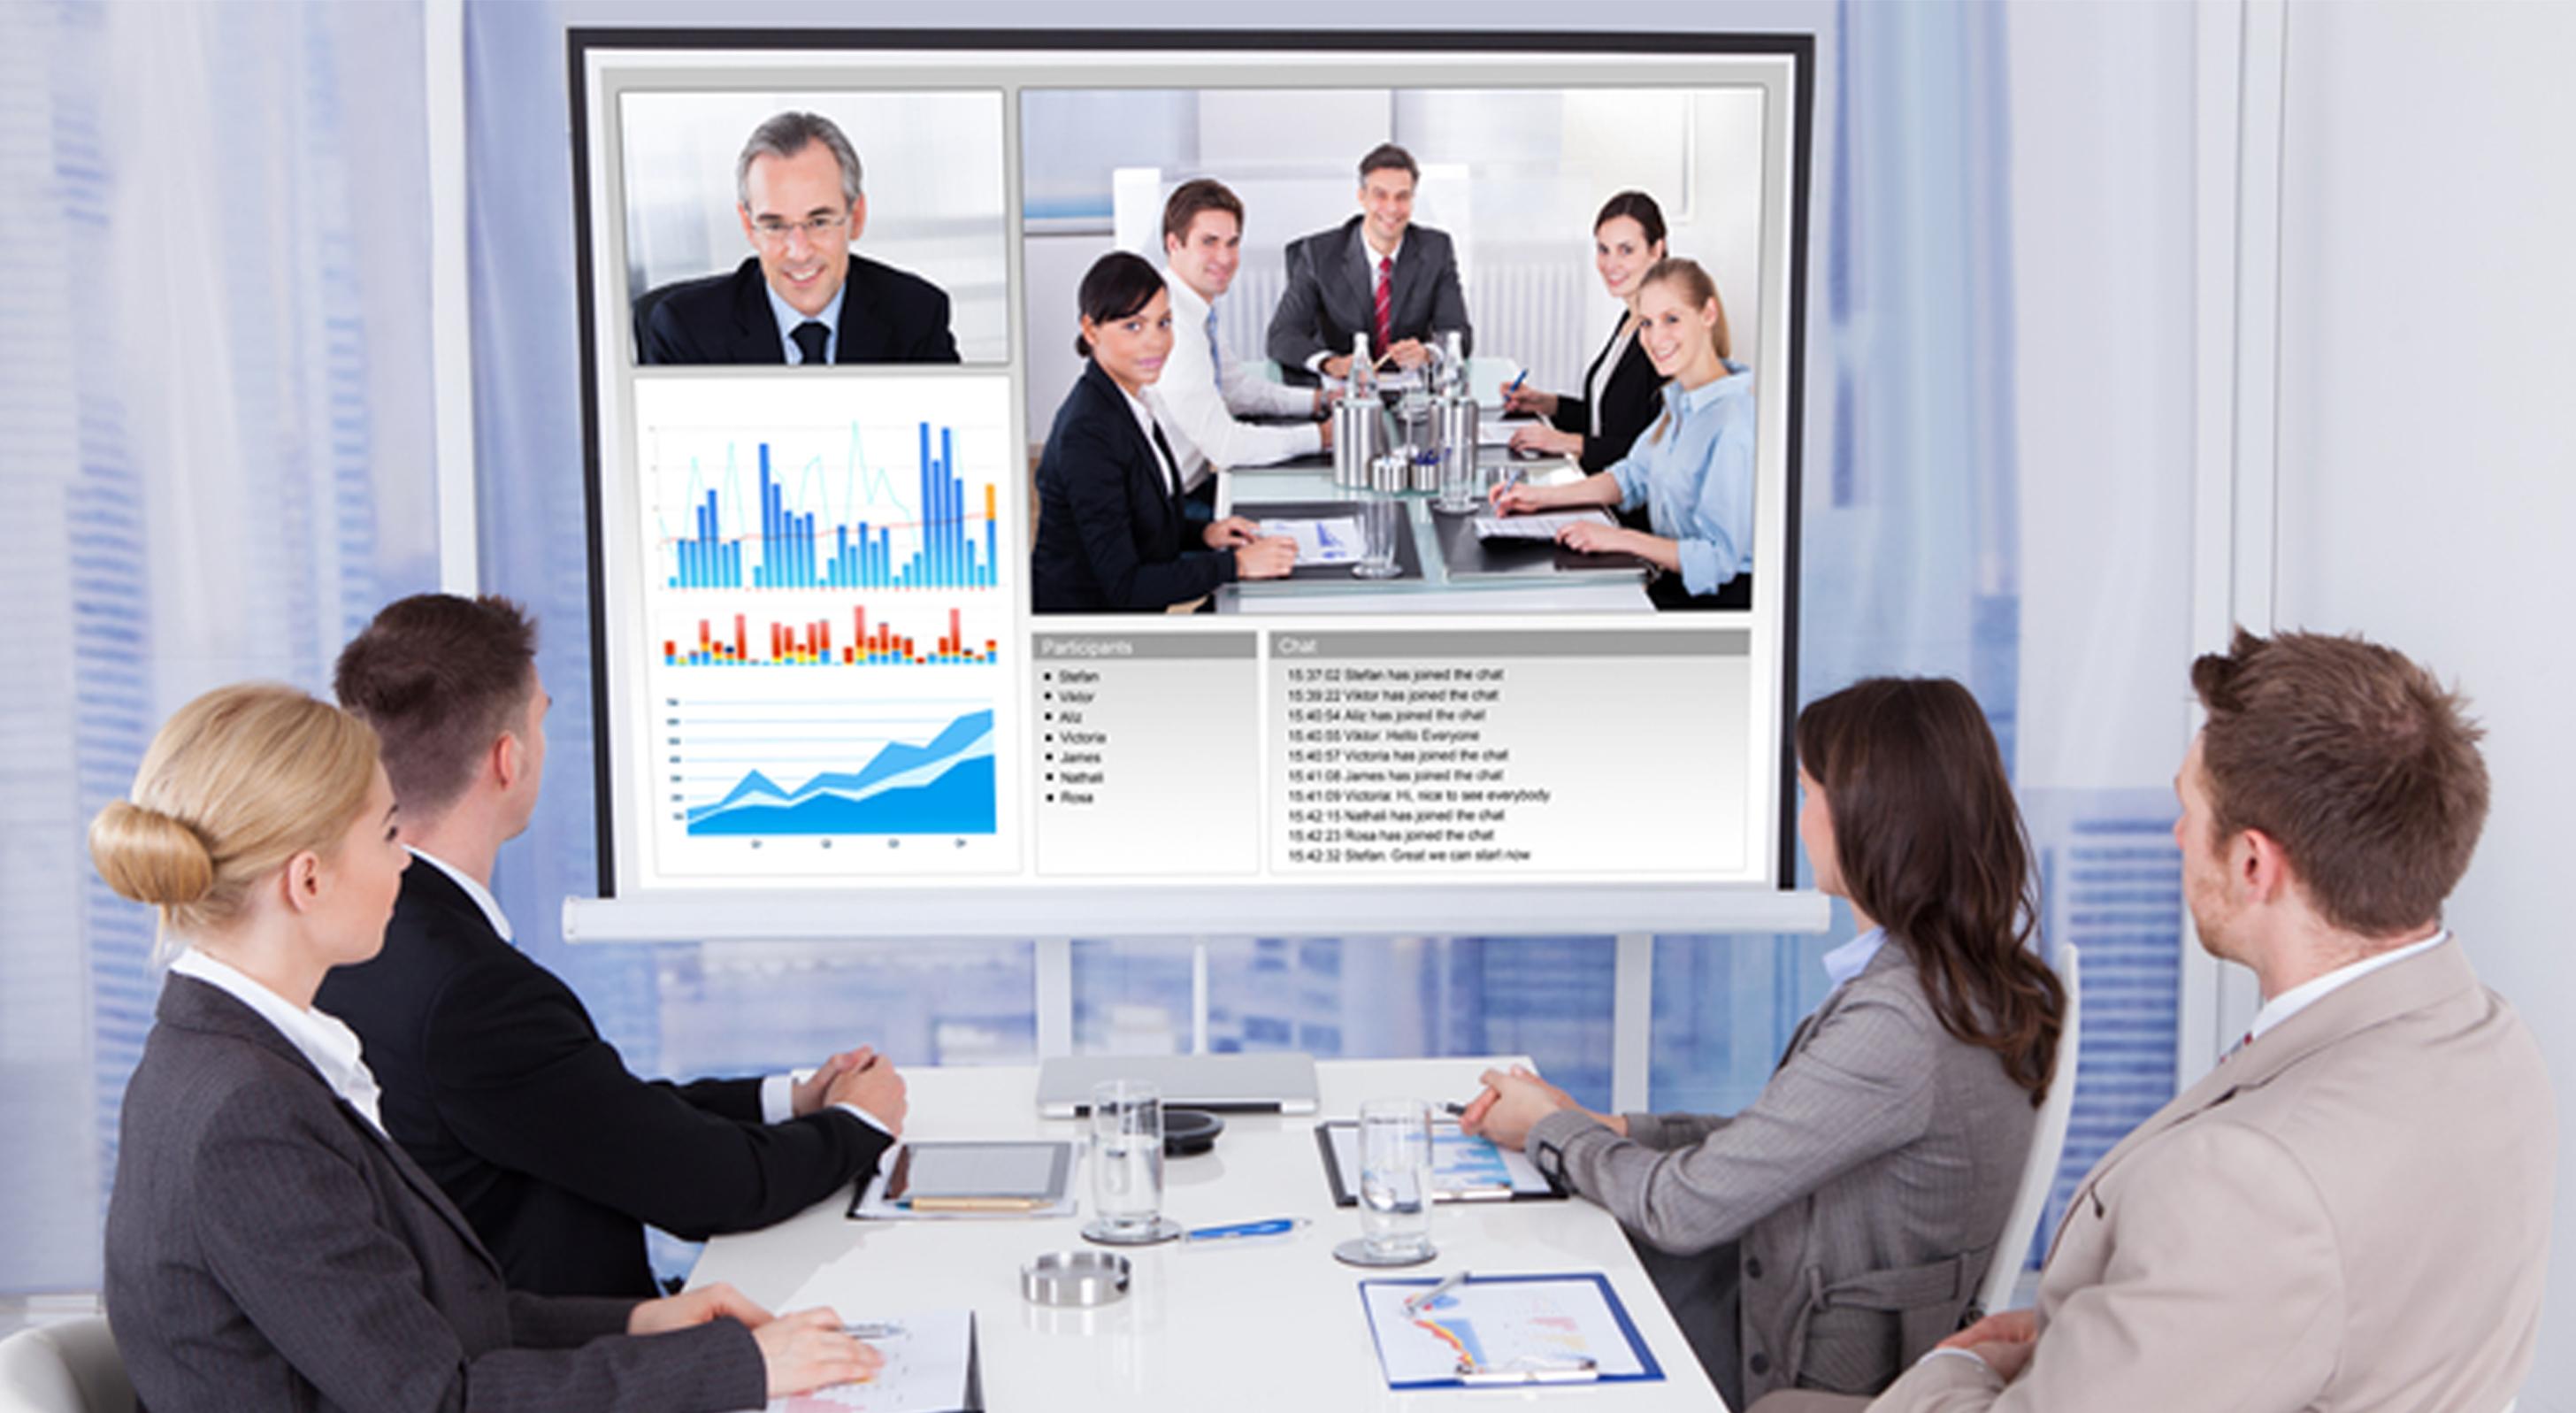 搞定跨裝置、跨平台線上視訊會議需求!商務用 Skype、Zoom、WebEx 該用哪個好?